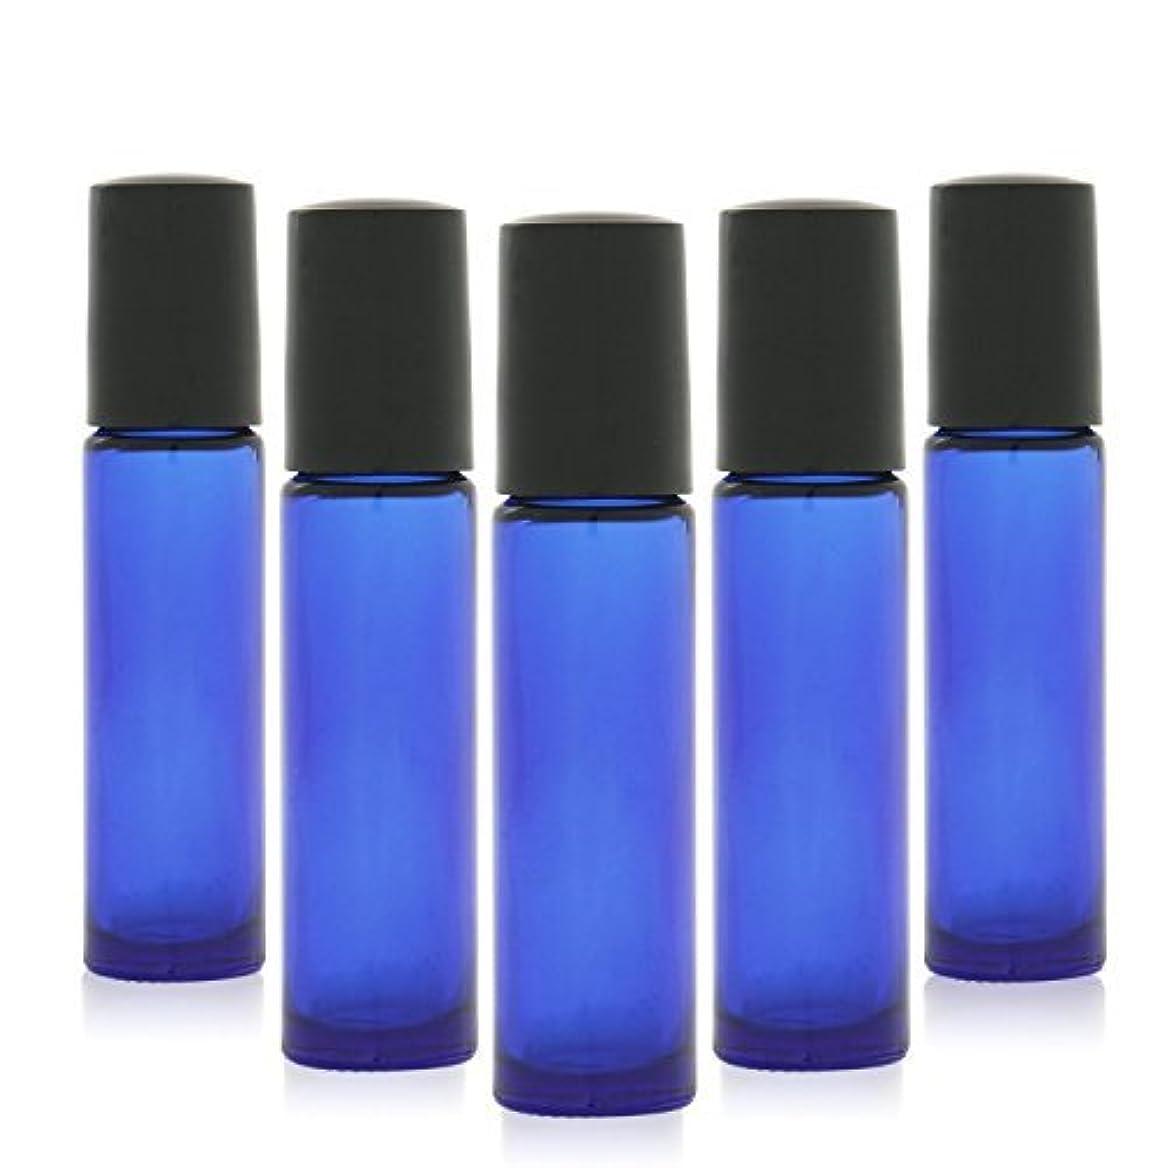 リング深いオフェンス12 pcs, 10ml Cobalt Blue Glass Roller Bottles with Stainless Steel Roller Ball for Essential Oil - Includes 12 Pieces Labels, Essential Oils Opener, 2 Droppers [並行輸入品]